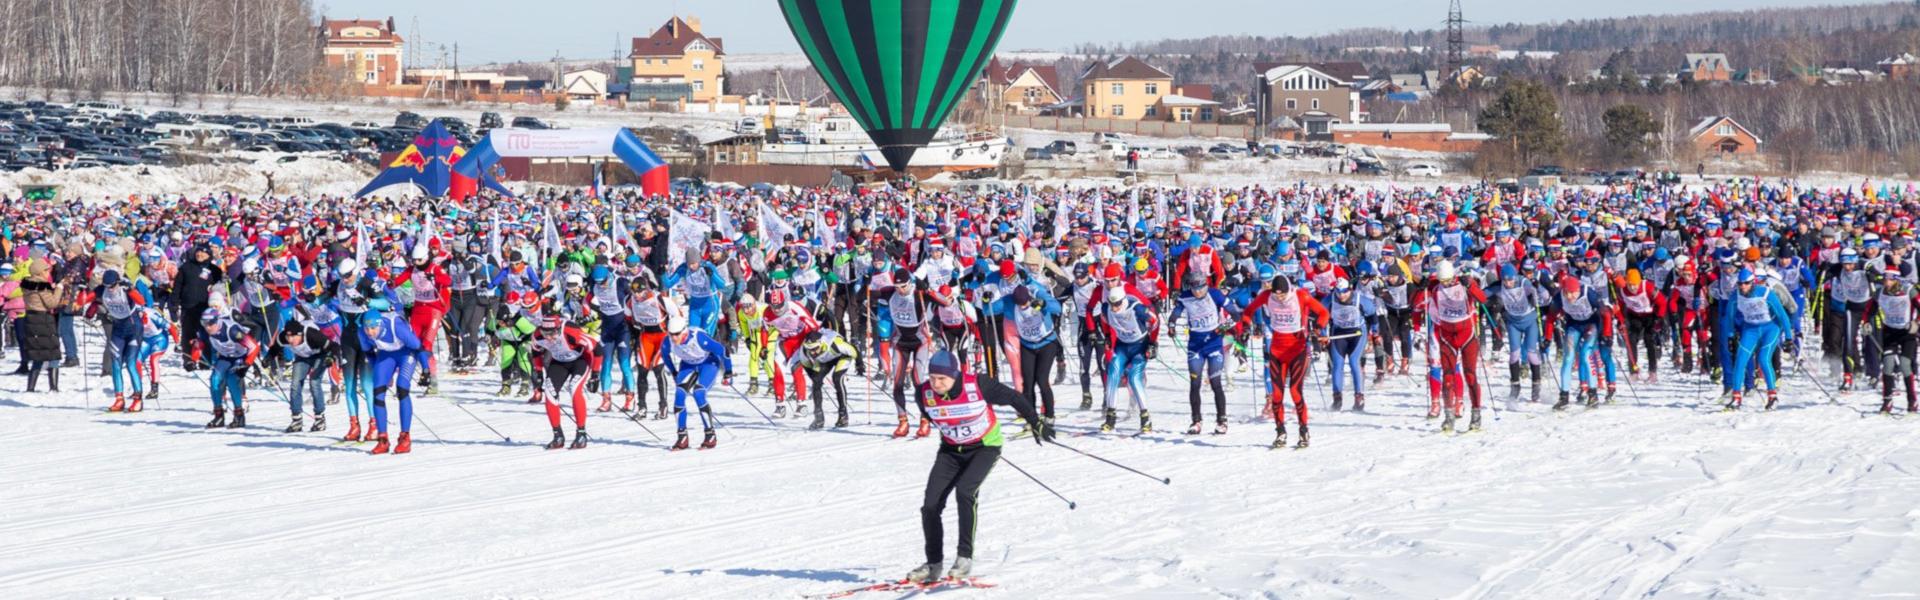 Известные спортсмены и политики об участии в «Лыжне России»